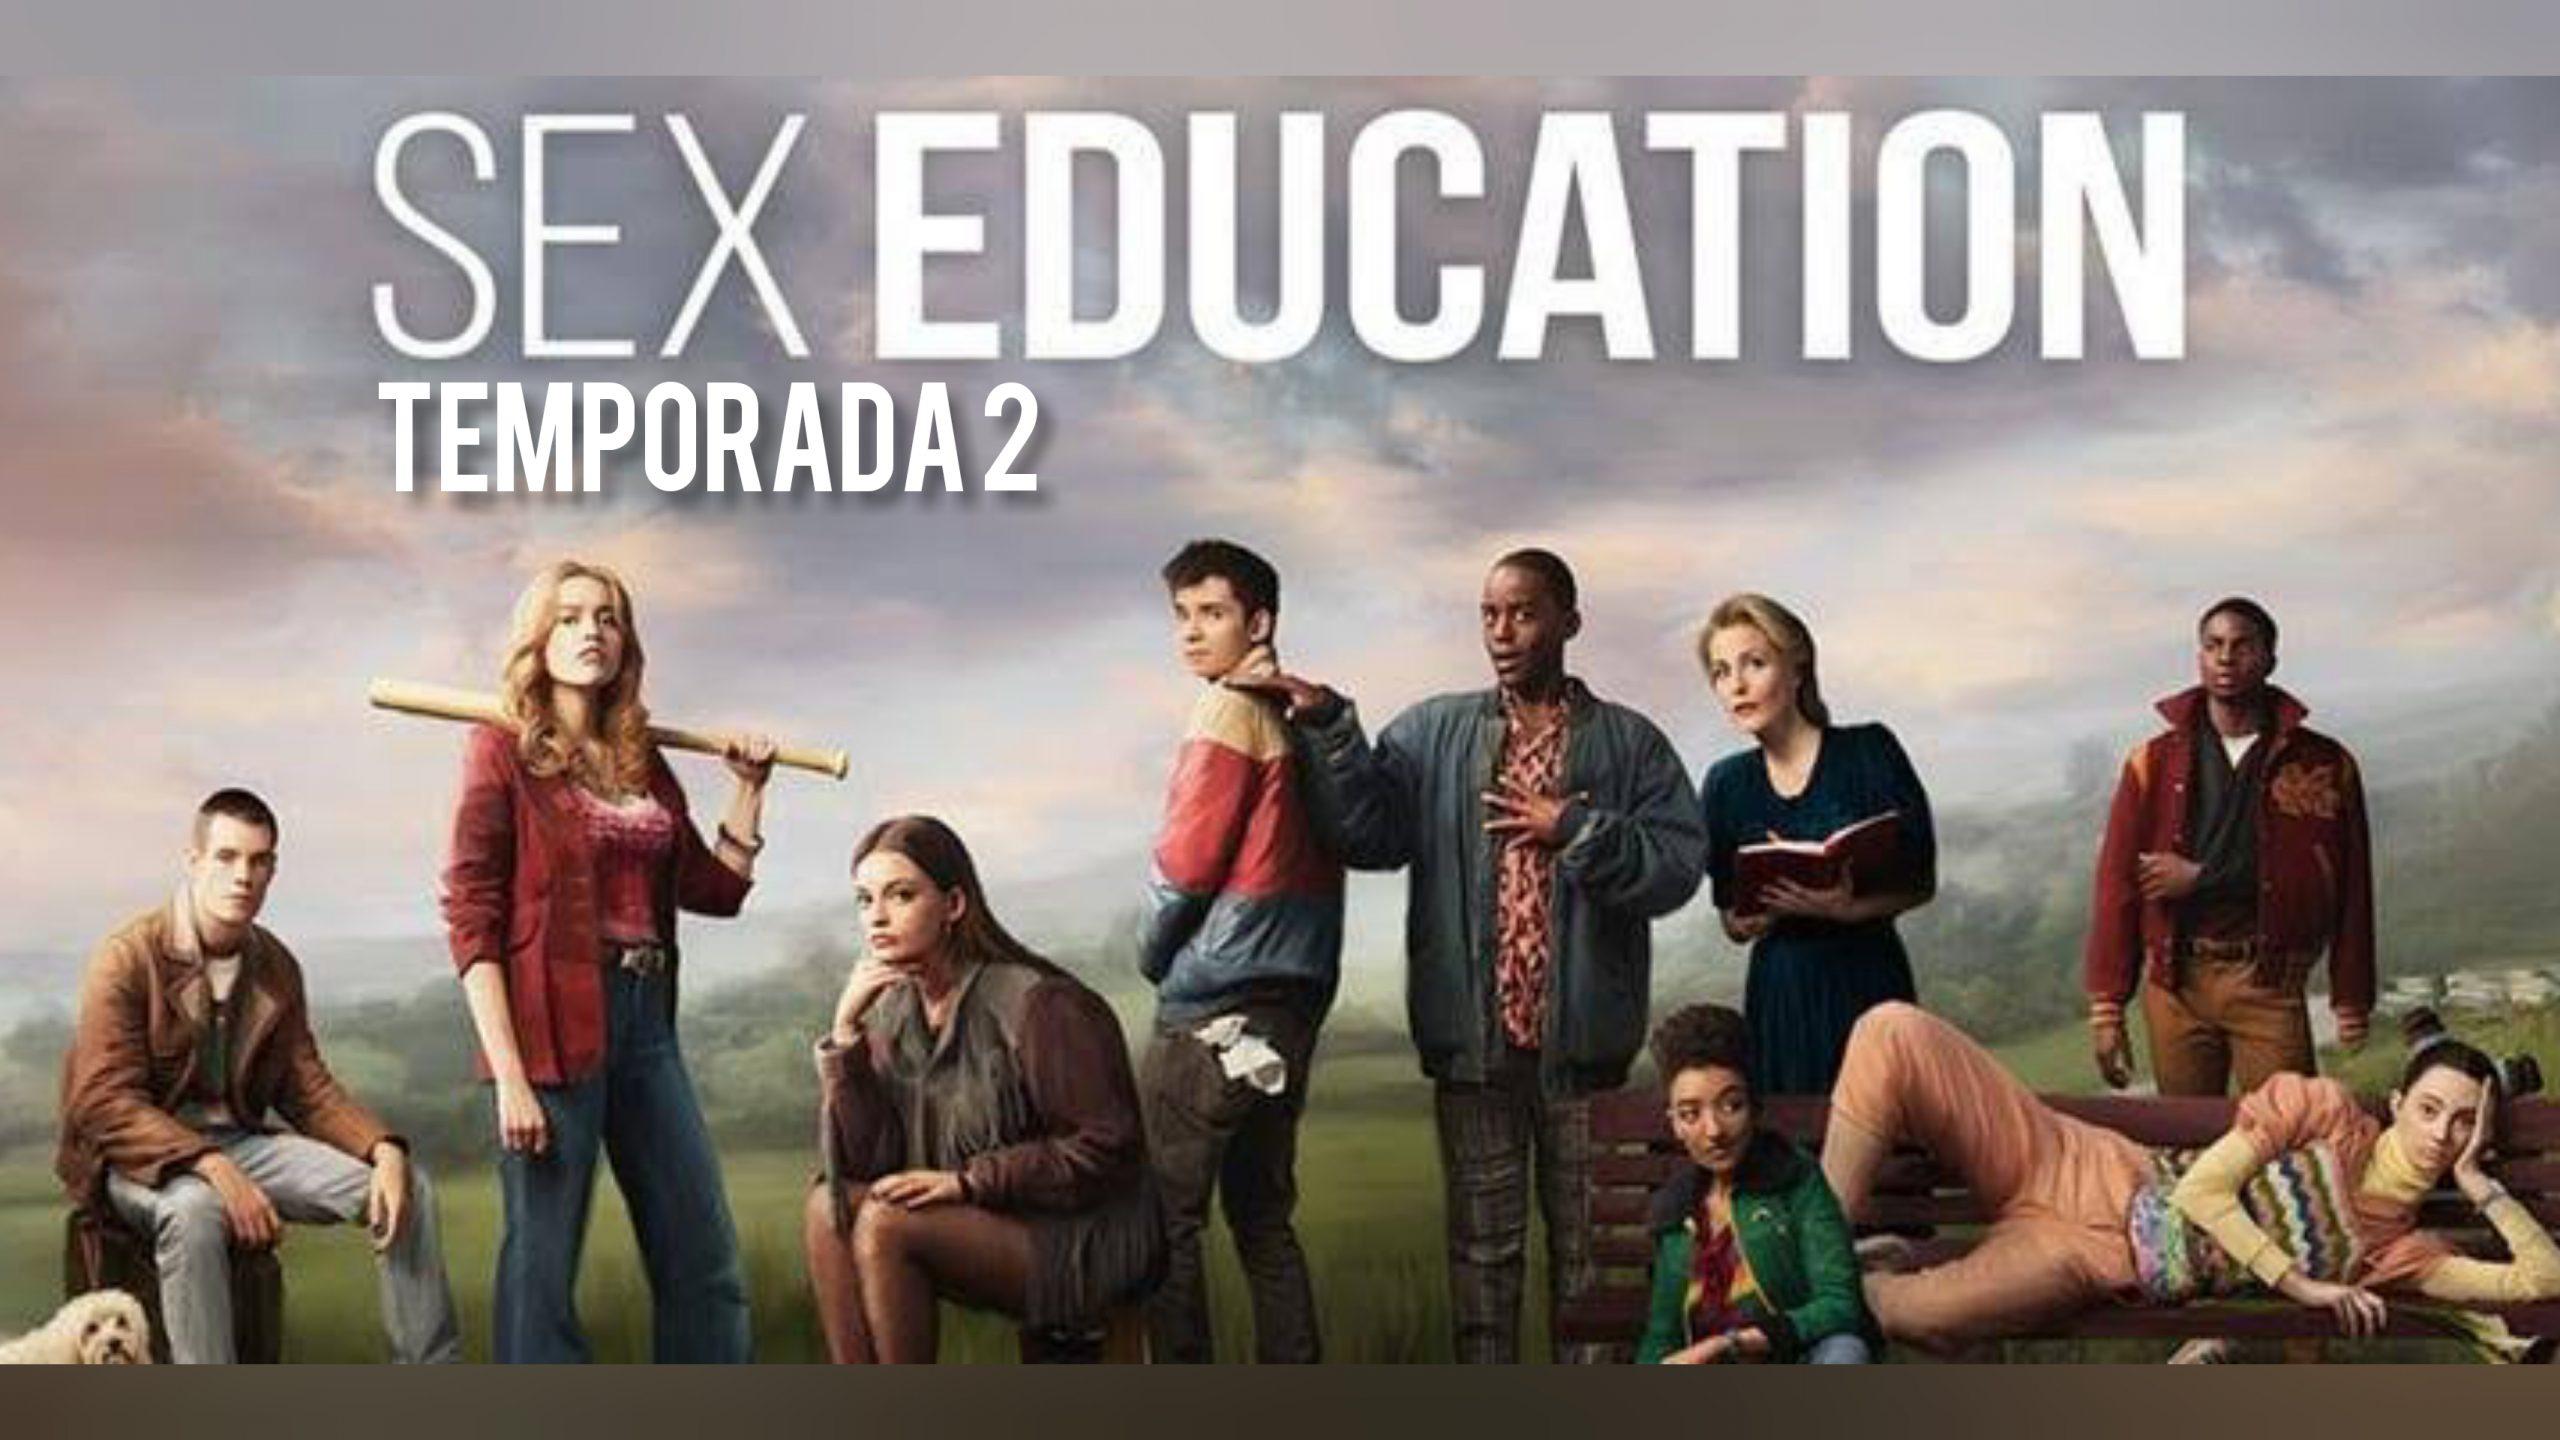 Sex Education Temporada 2